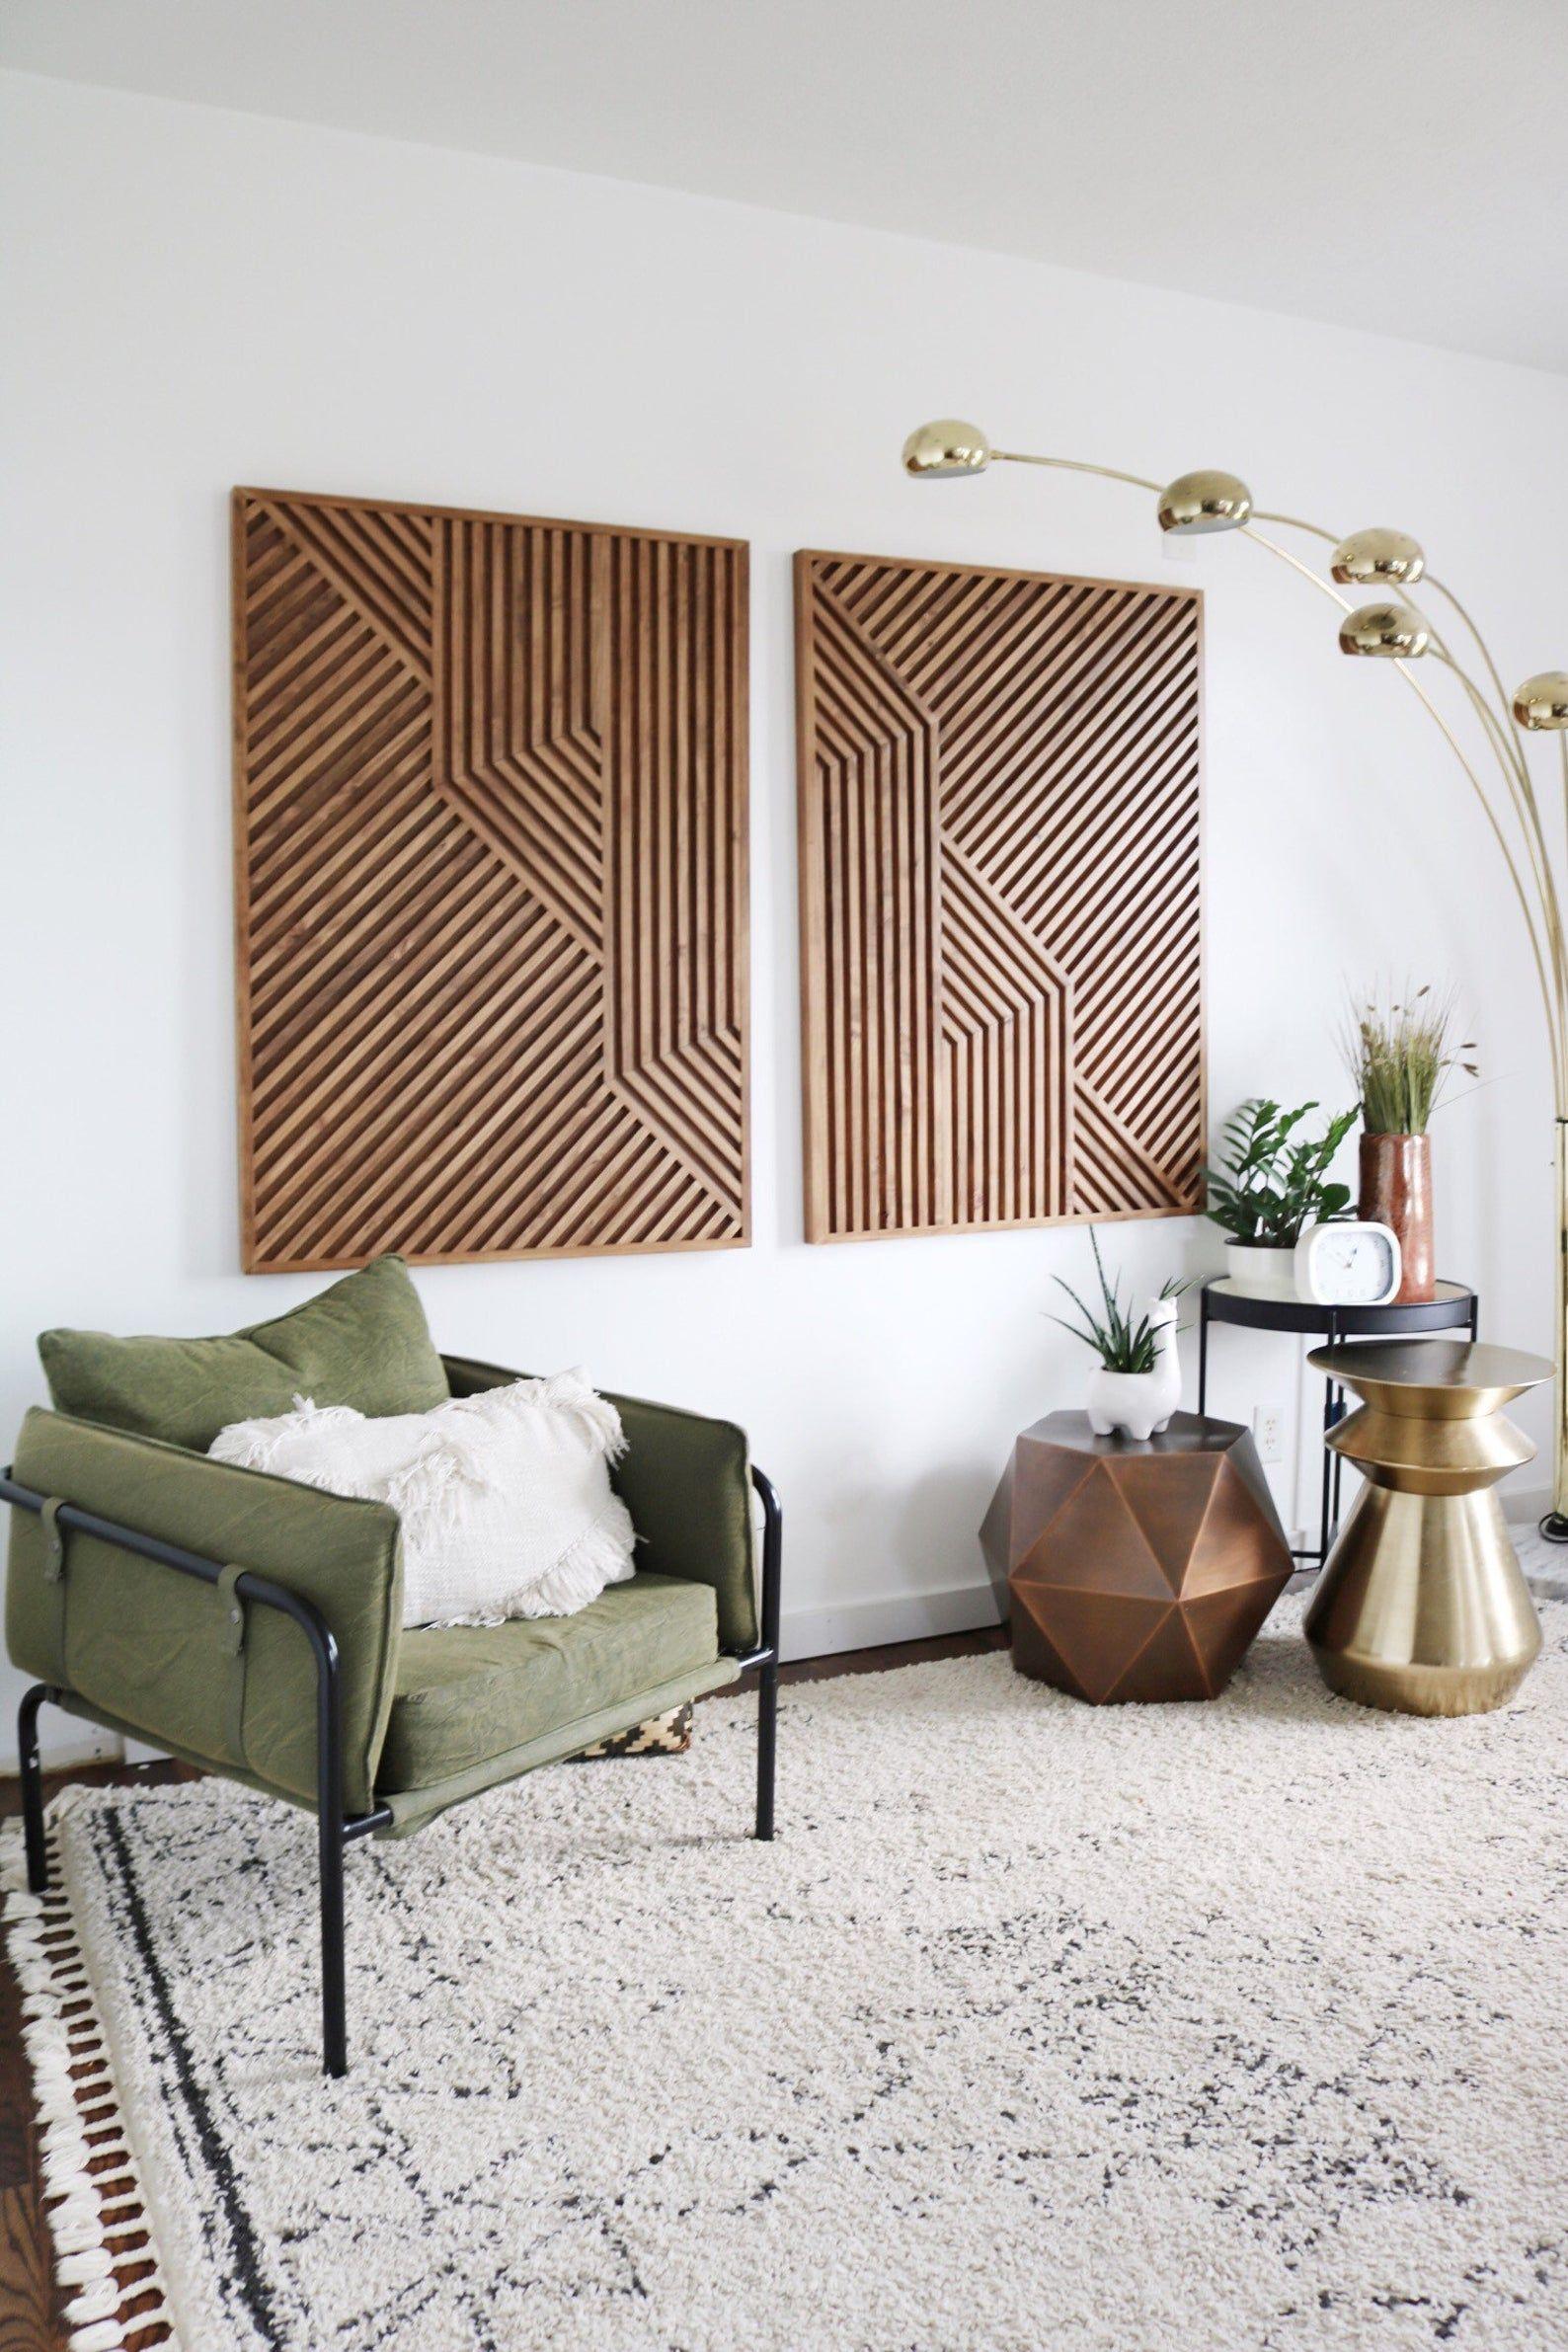 Wood Art Wood Wall Art Geometric Wood Art Geometric Wall Art Modern Wood Art Modern Wall Art Geometric Art Modern Art Wood Wall Art Geometric Wall Art Decor